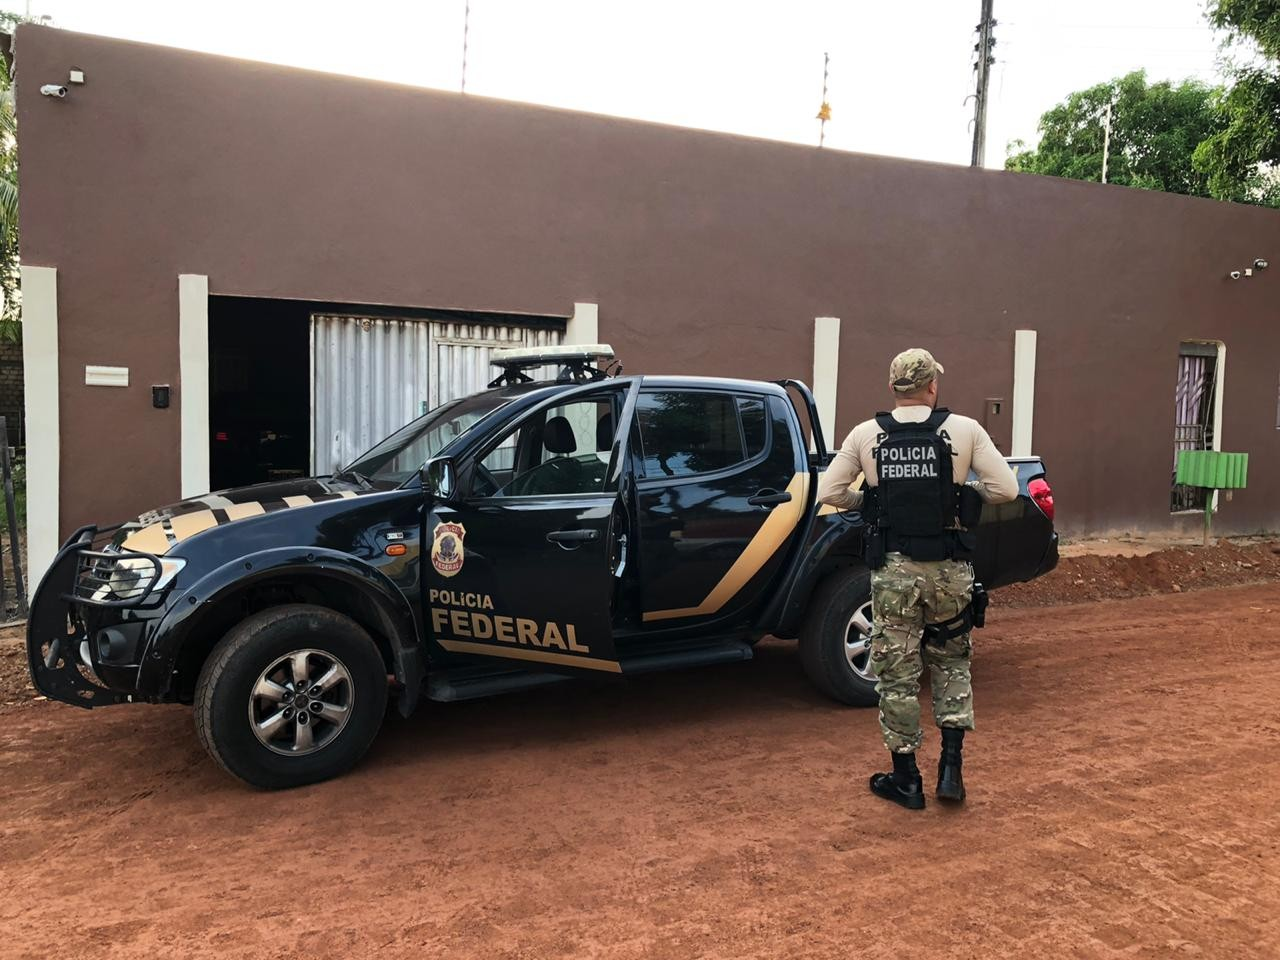 Operação da PF em RR mira grupo criminoso que atava no tráfico interestadual de cocaína - Notícias - Plantão Diário